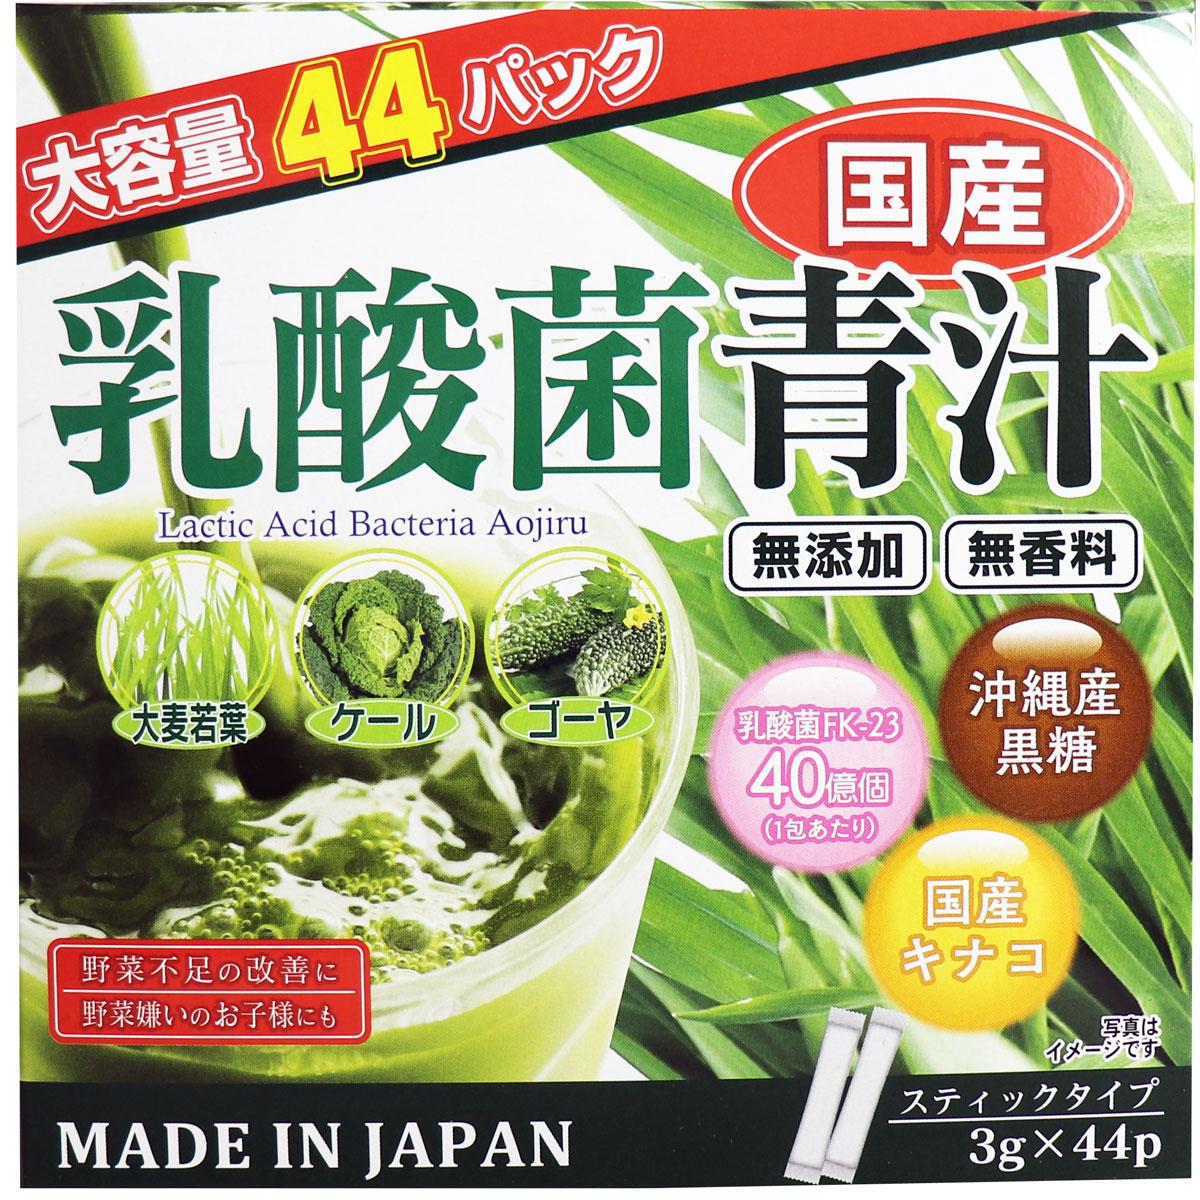 国産 乳酸菌青汁 スティックタイプ 3g×44袋入